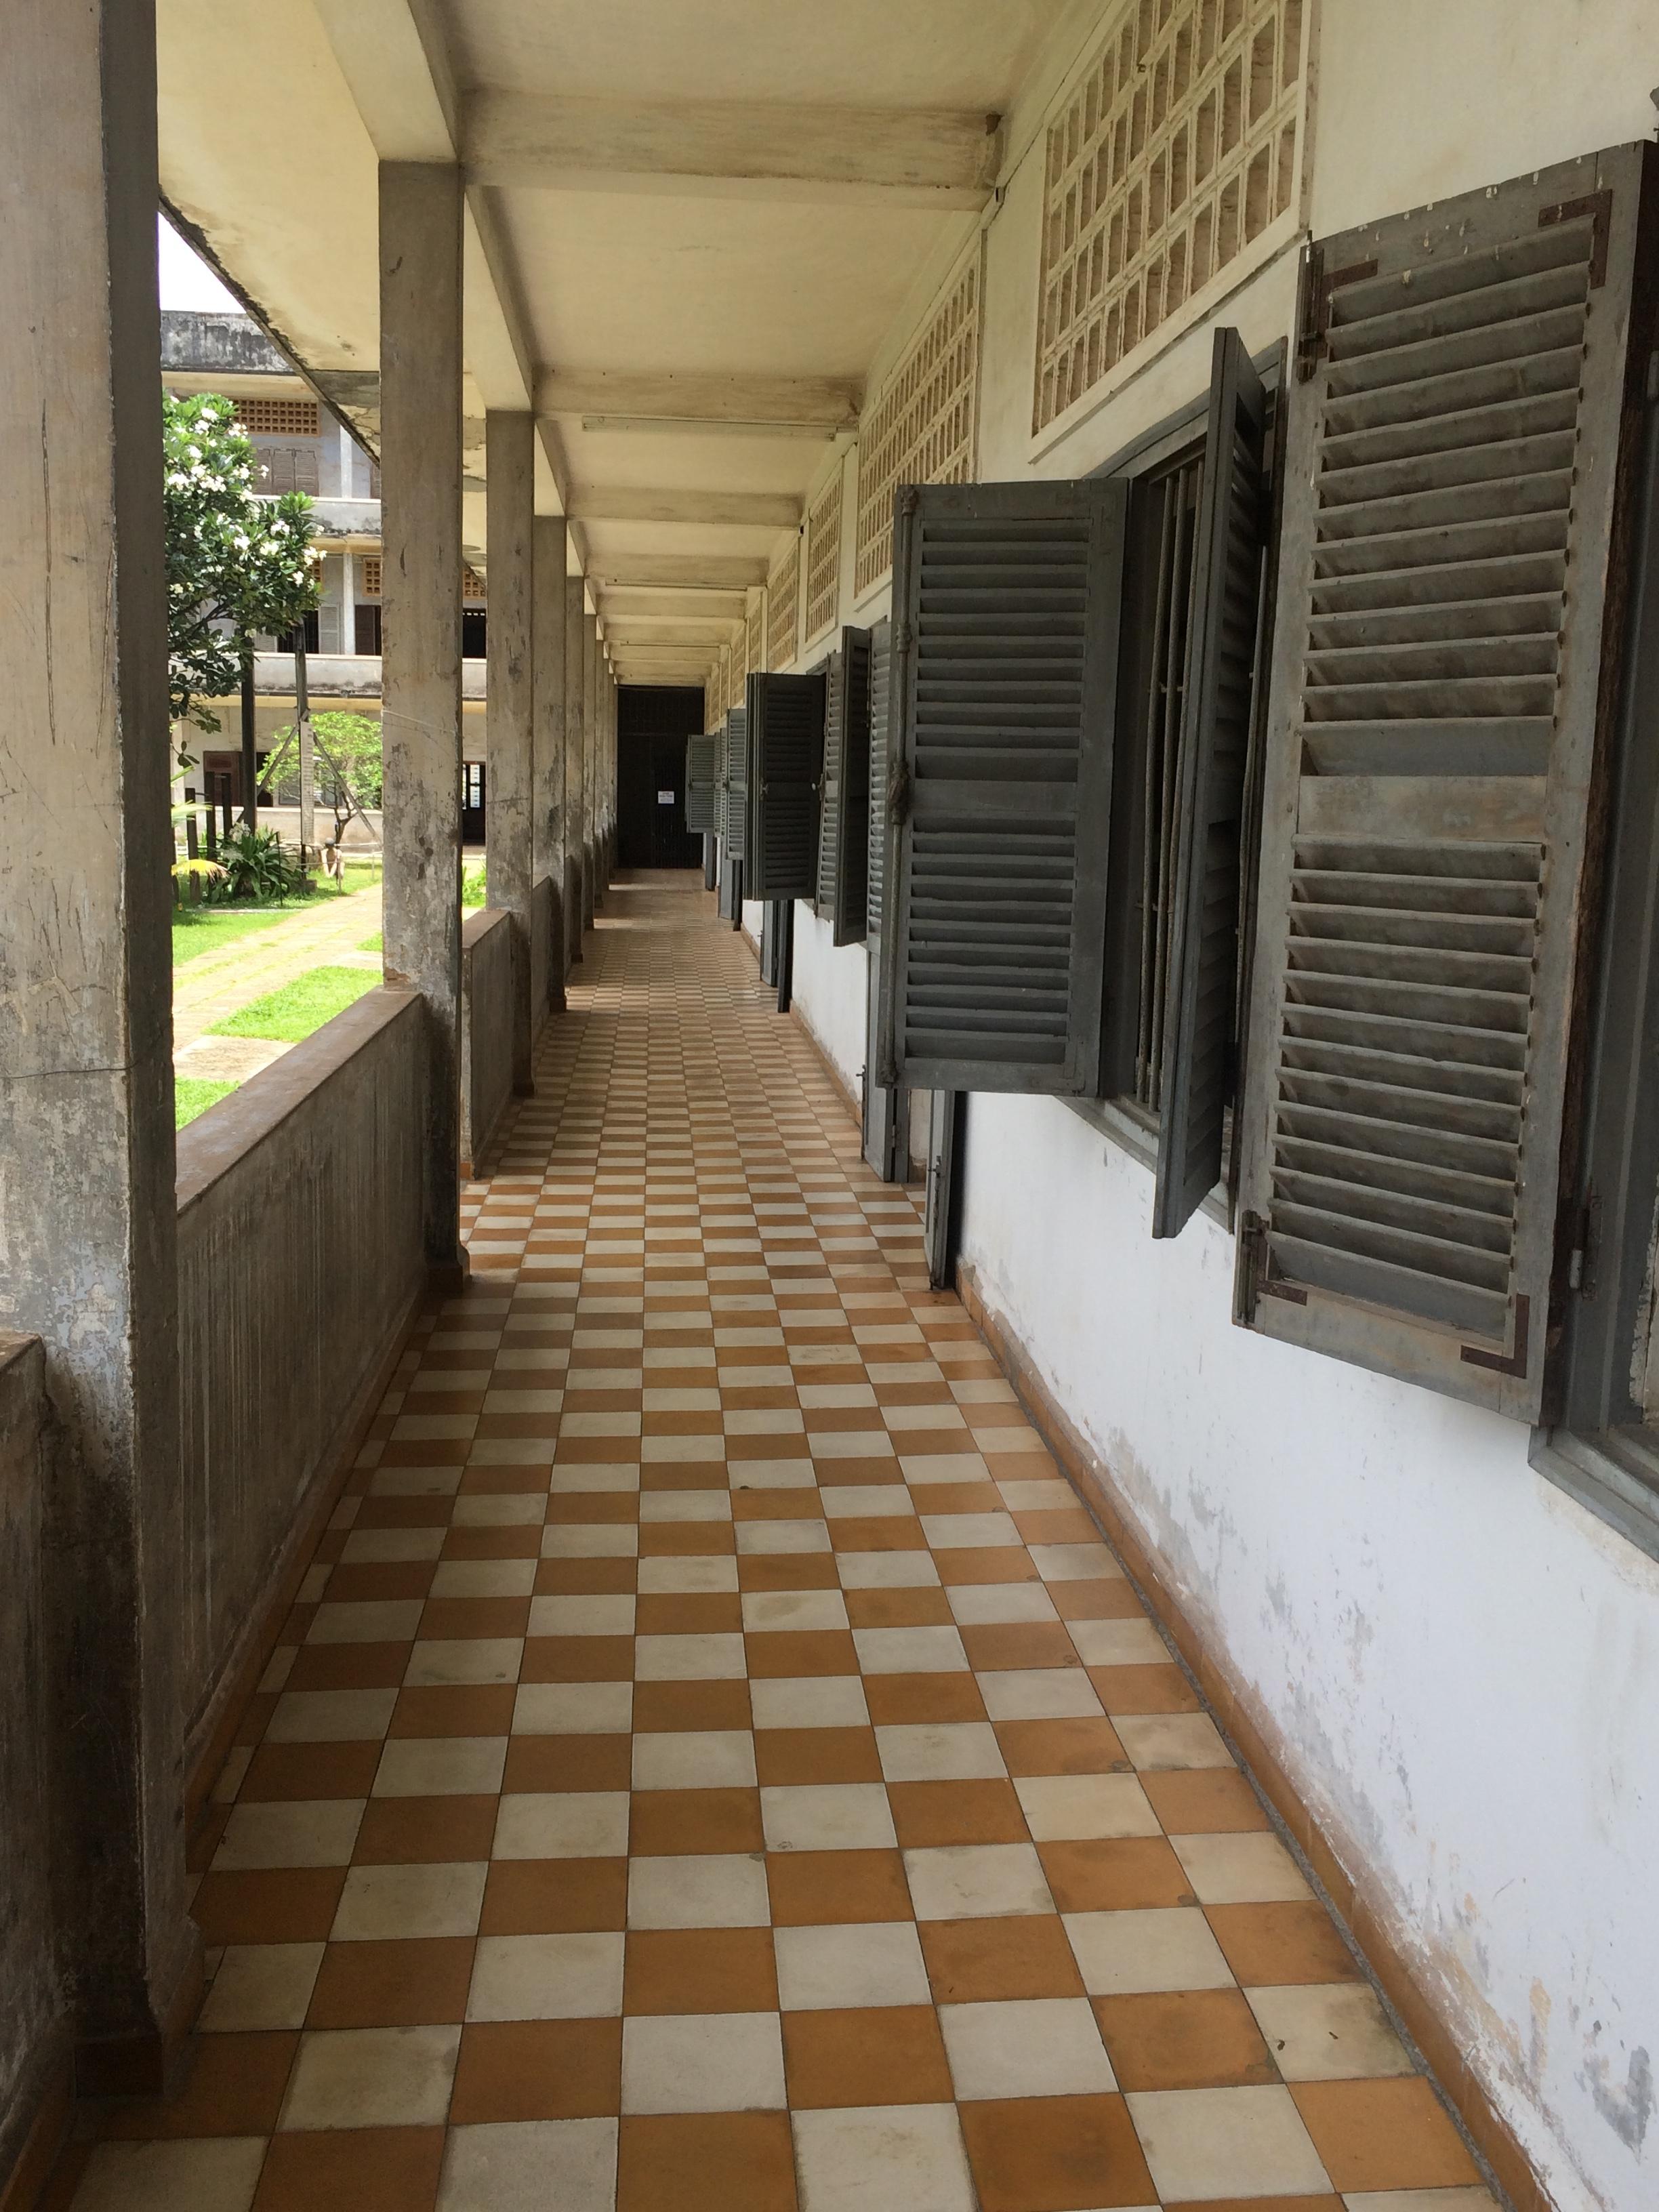 Walkway to torture rooms